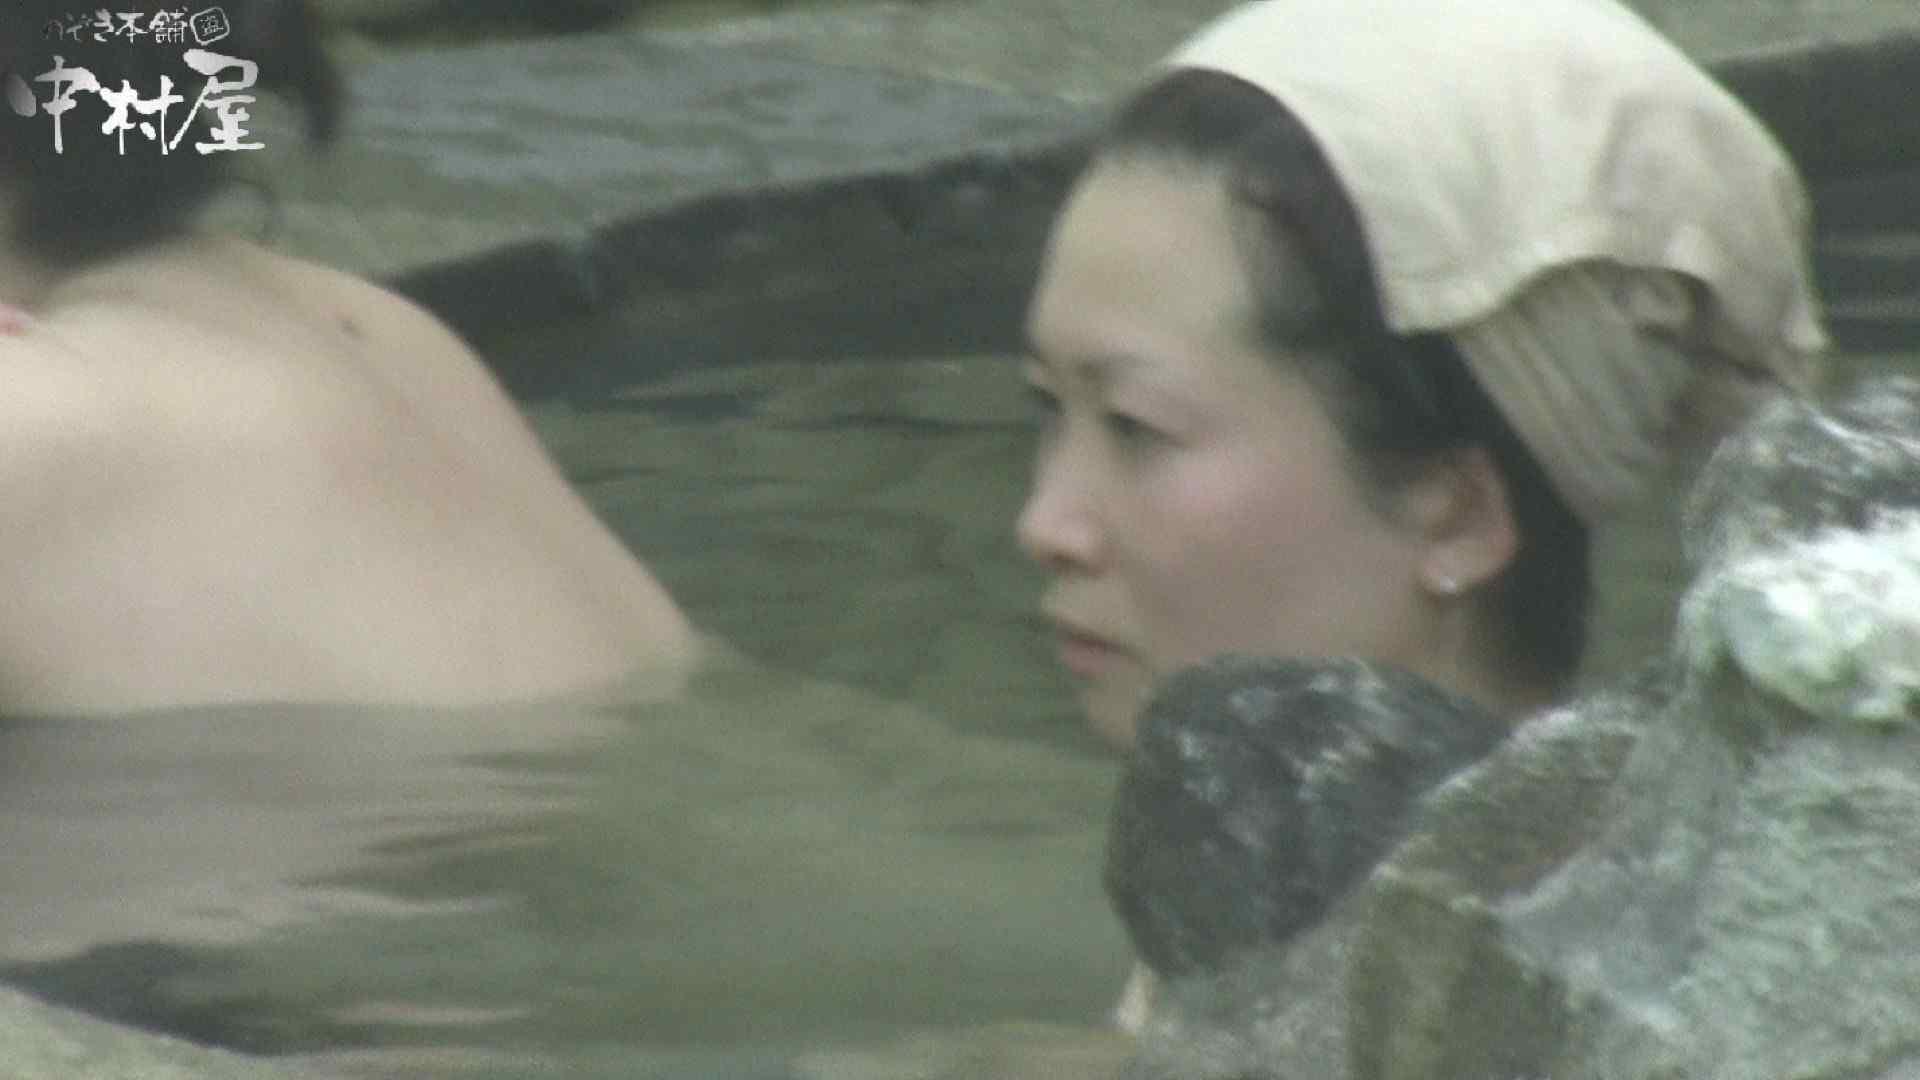 Aquaな露天風呂Vol.906 OLエロ画像 | 露天  29PICs 25